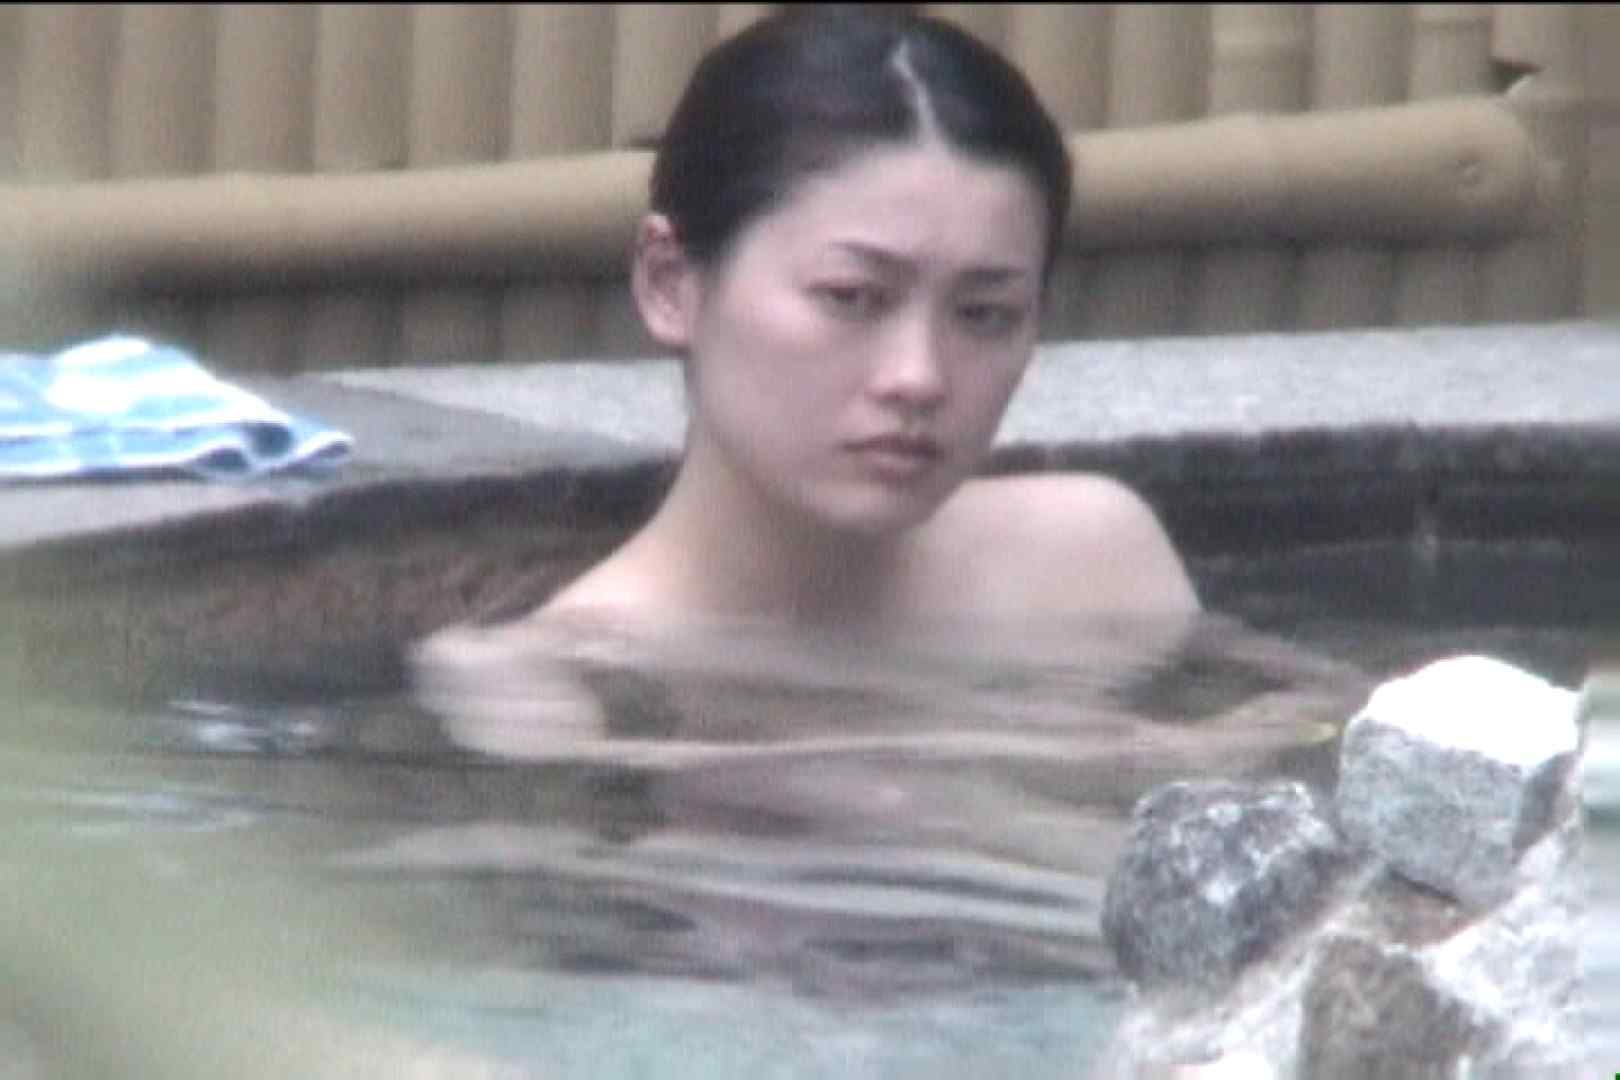 Aquaな露天風呂Vol.92【VIP限定】 盗撮  33連発 18